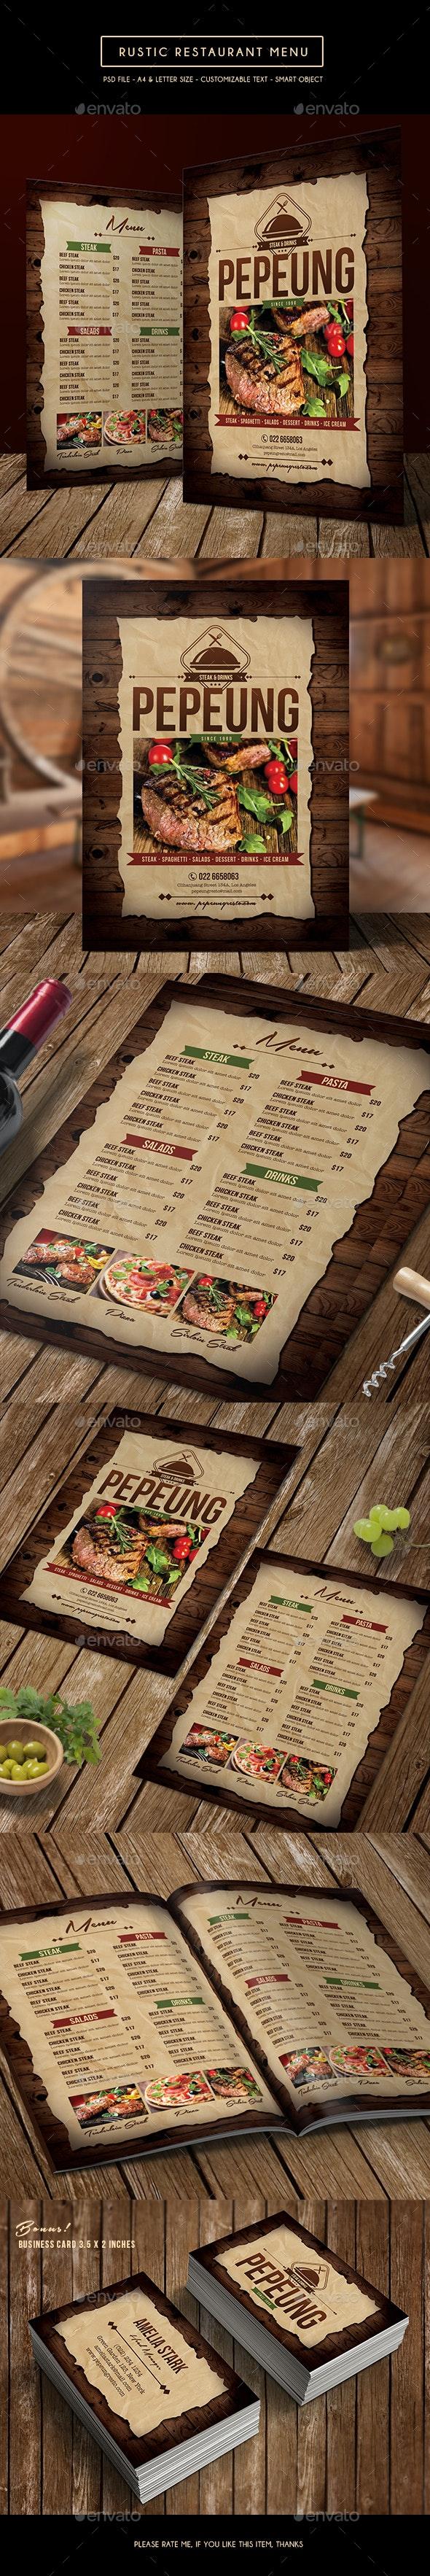 Rustic Restaurant Menu - Food Menus Print Templates